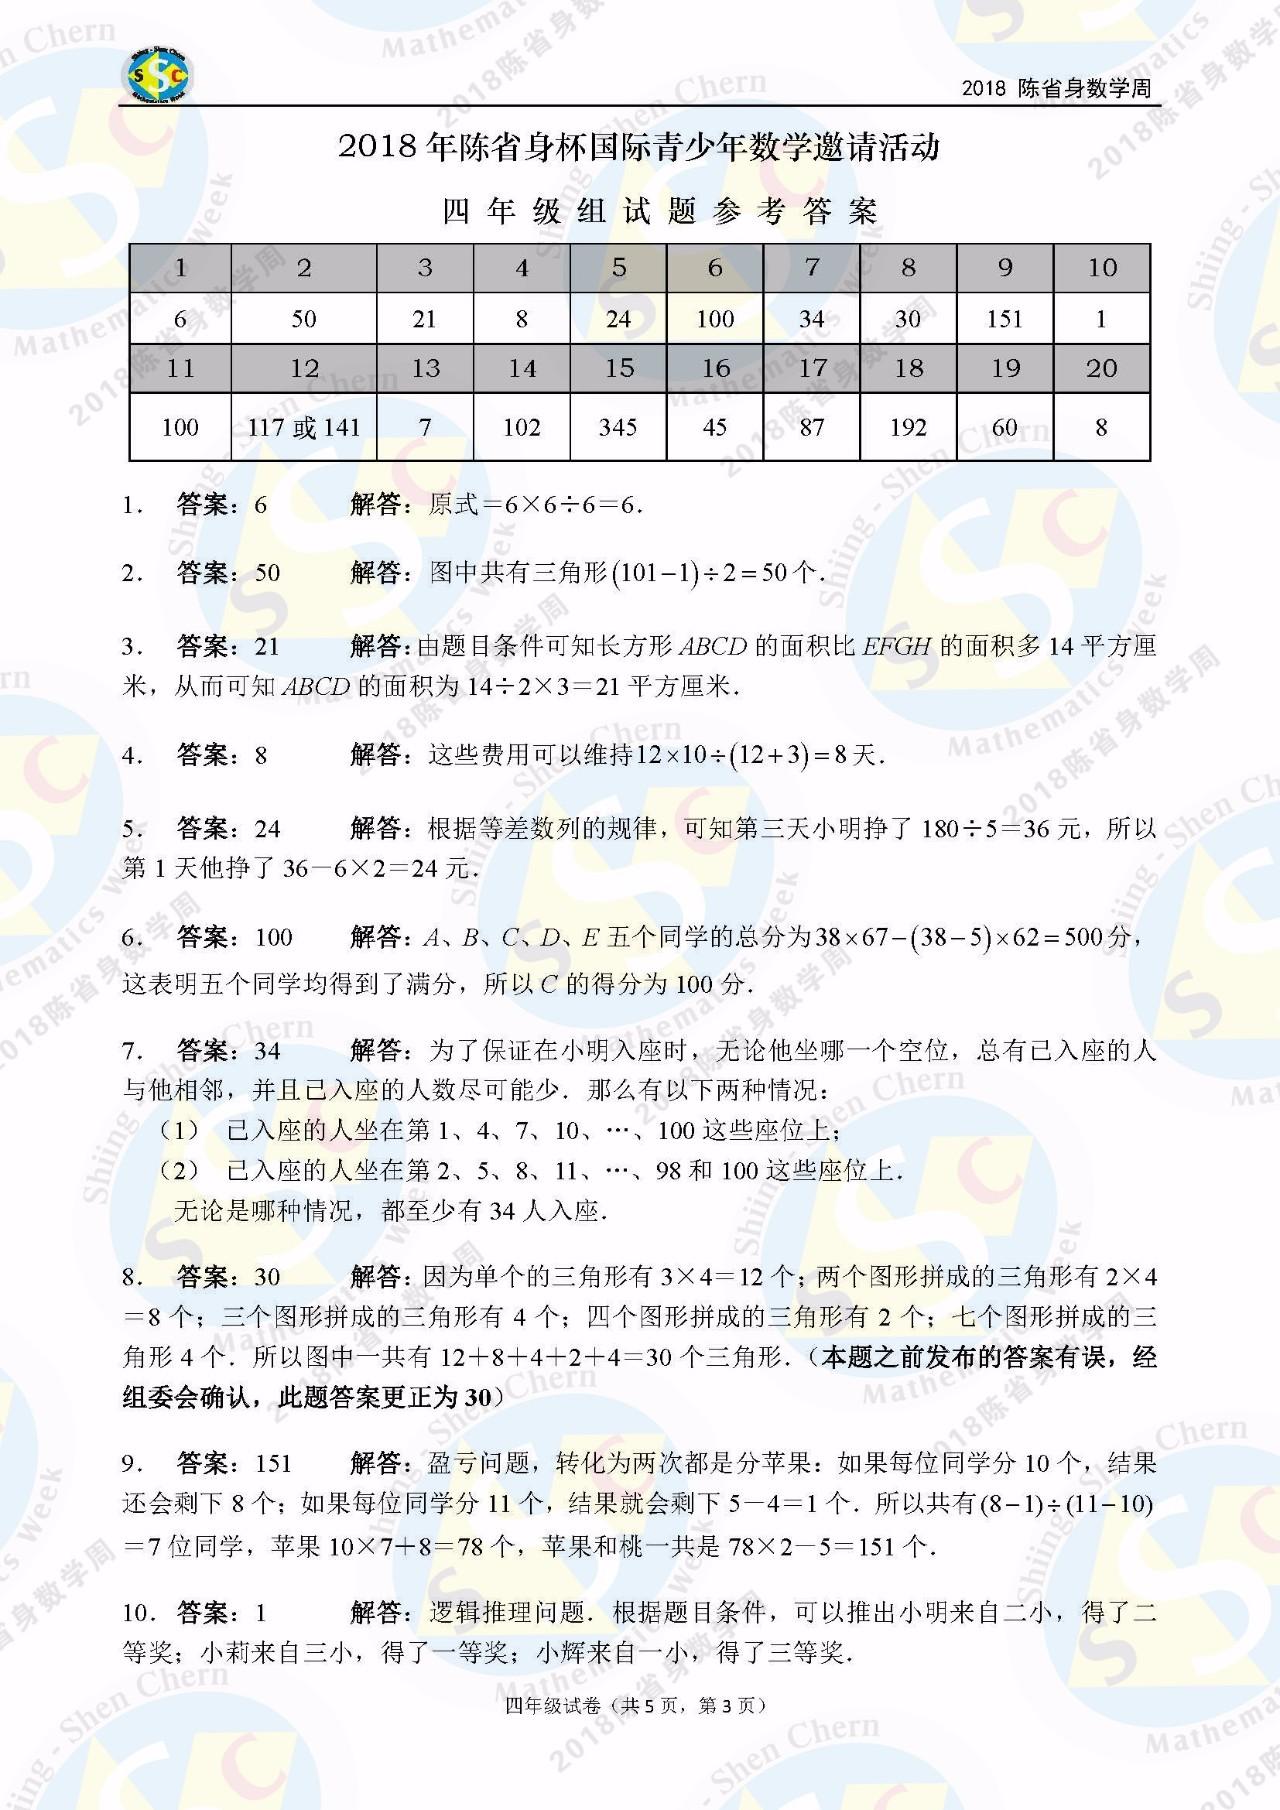 2018年陈省身杯国际青少年数学邀请赛四年级答案解析1